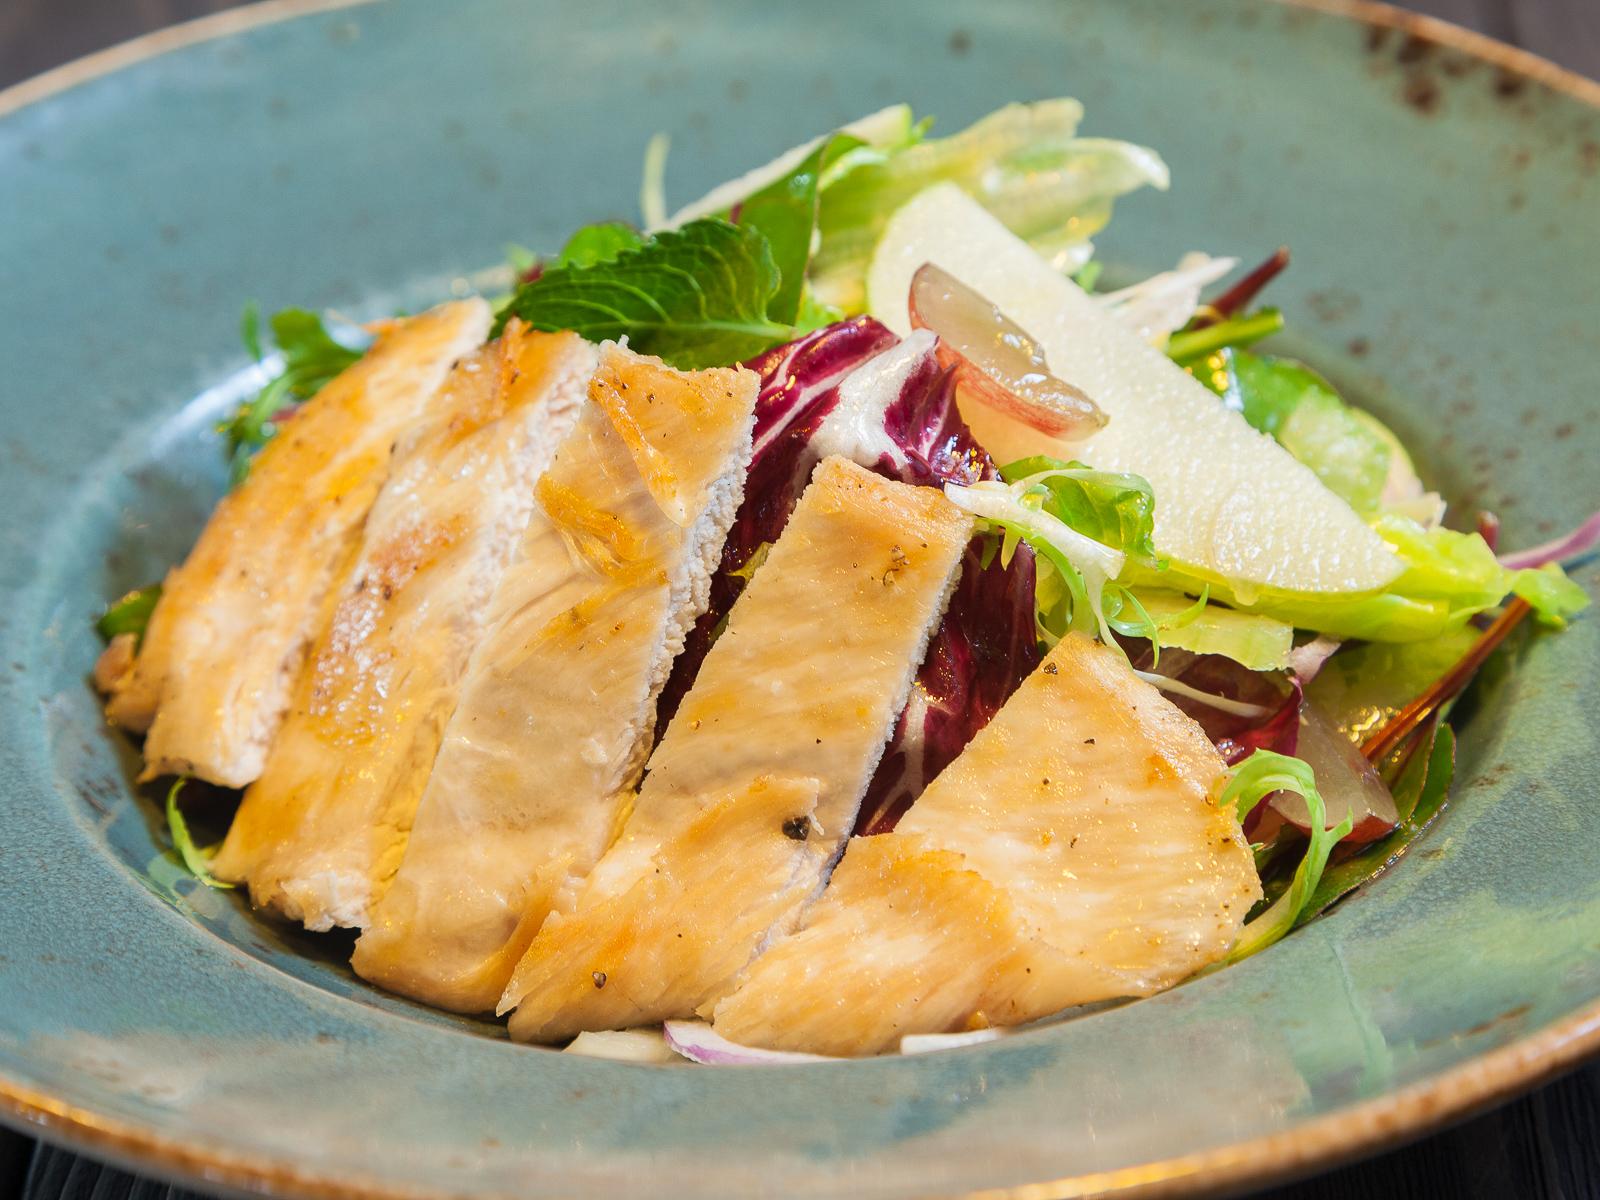 Салат из куриной грудки с яблоками, виноградом и сельдереем